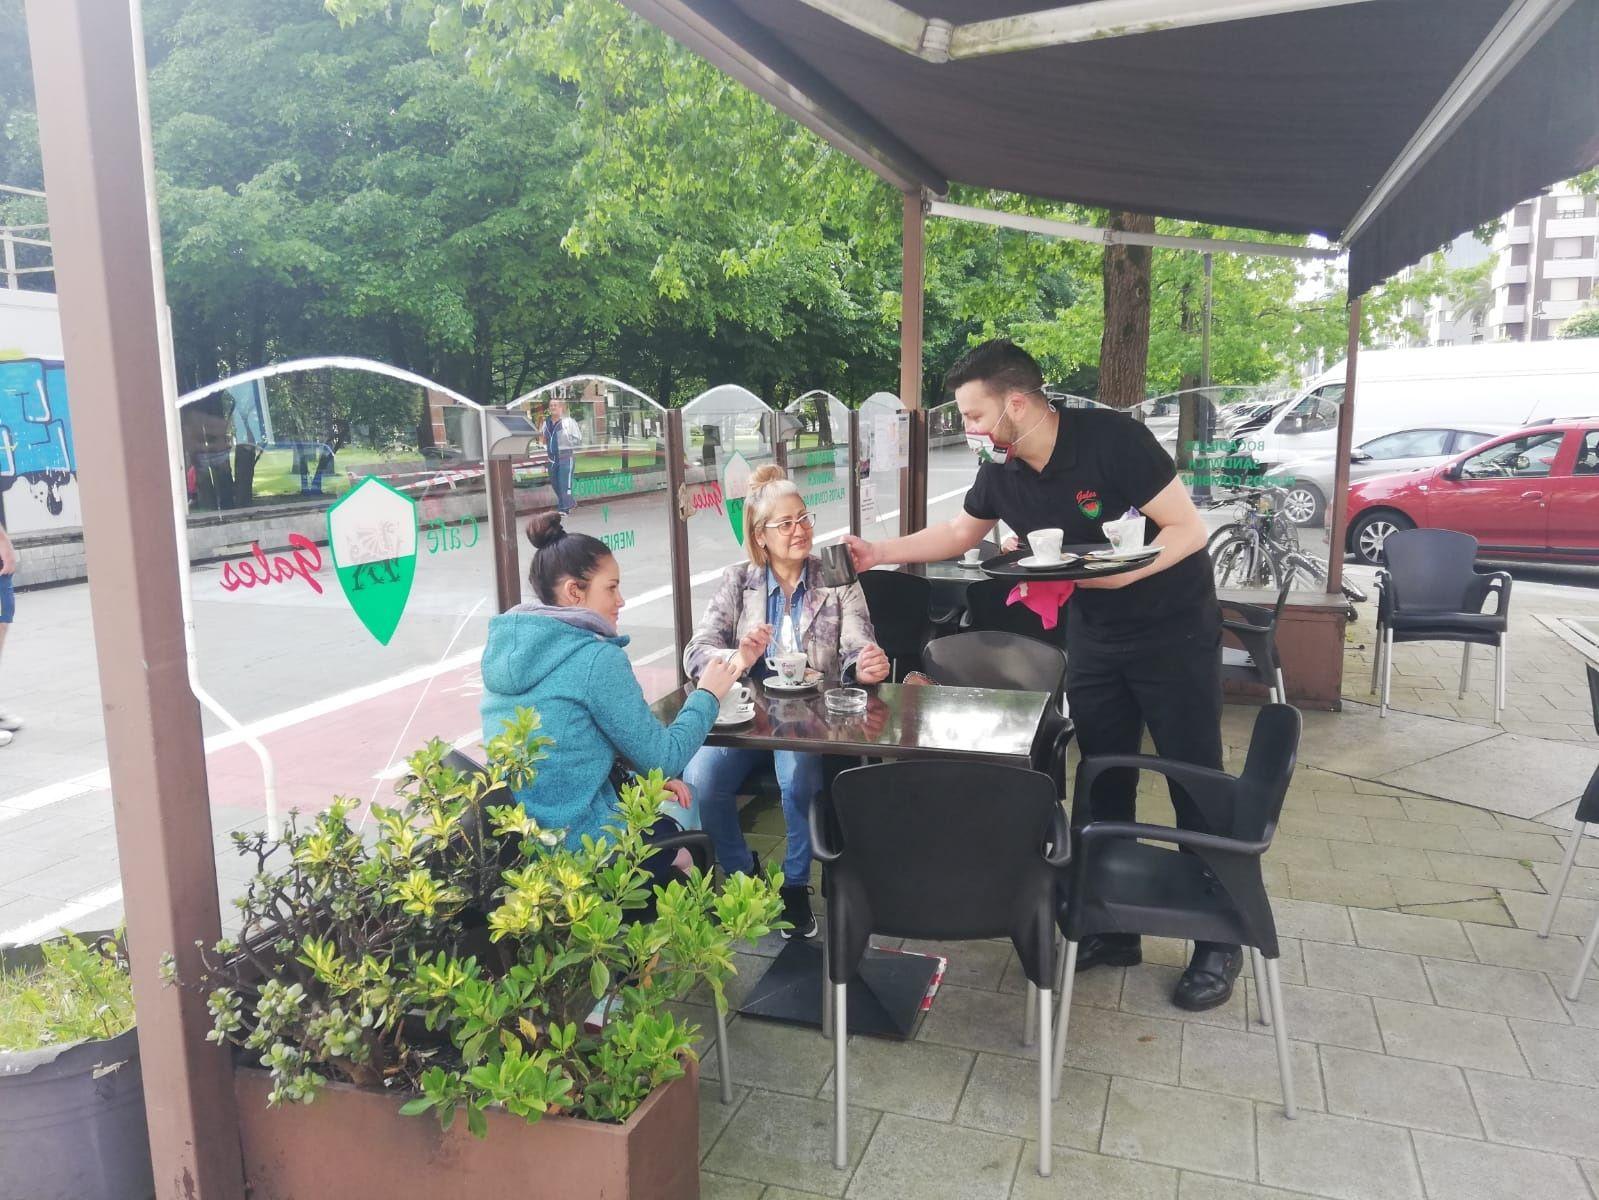 Eduardo González, propietario del café Galés, sirve unos cafés a unas clientas en su terraza